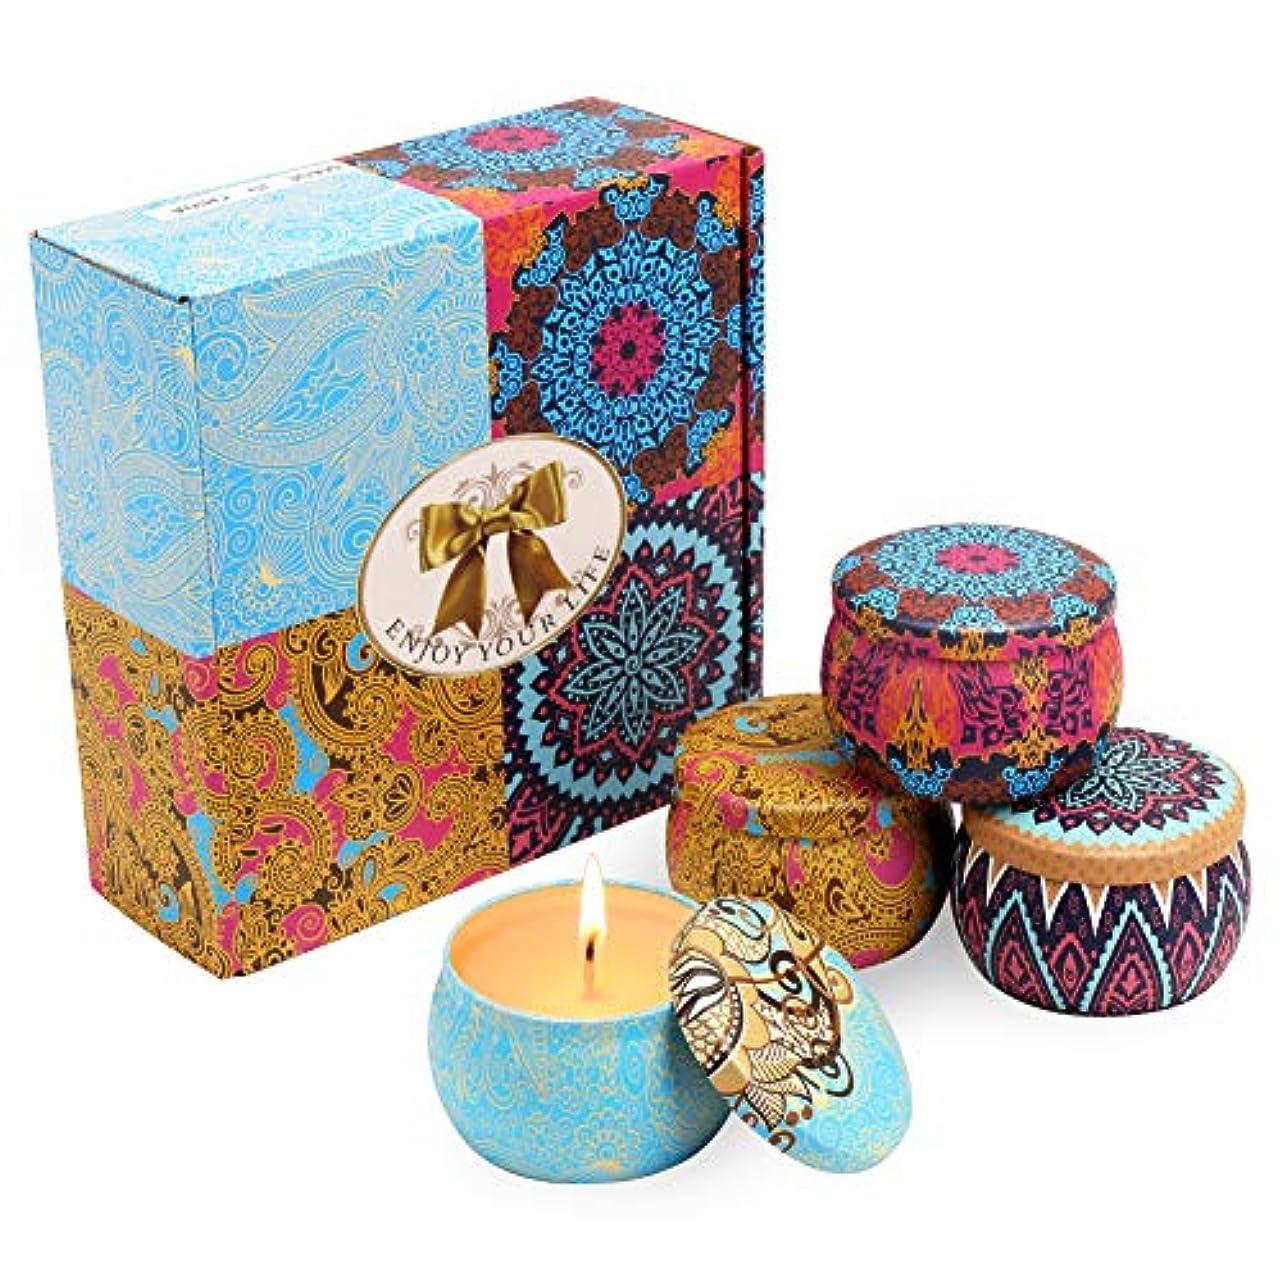 鼓舞するパリティ意気込みアロマキャンドル MANLI ソイワックス 天然 大豆ワックス 4つ香り 果物の香り 4個セット キャンドル アロマテラピー ロウソク バレンタインデー プレゼント ロマンチック 結婚式 誕生日(四セット)